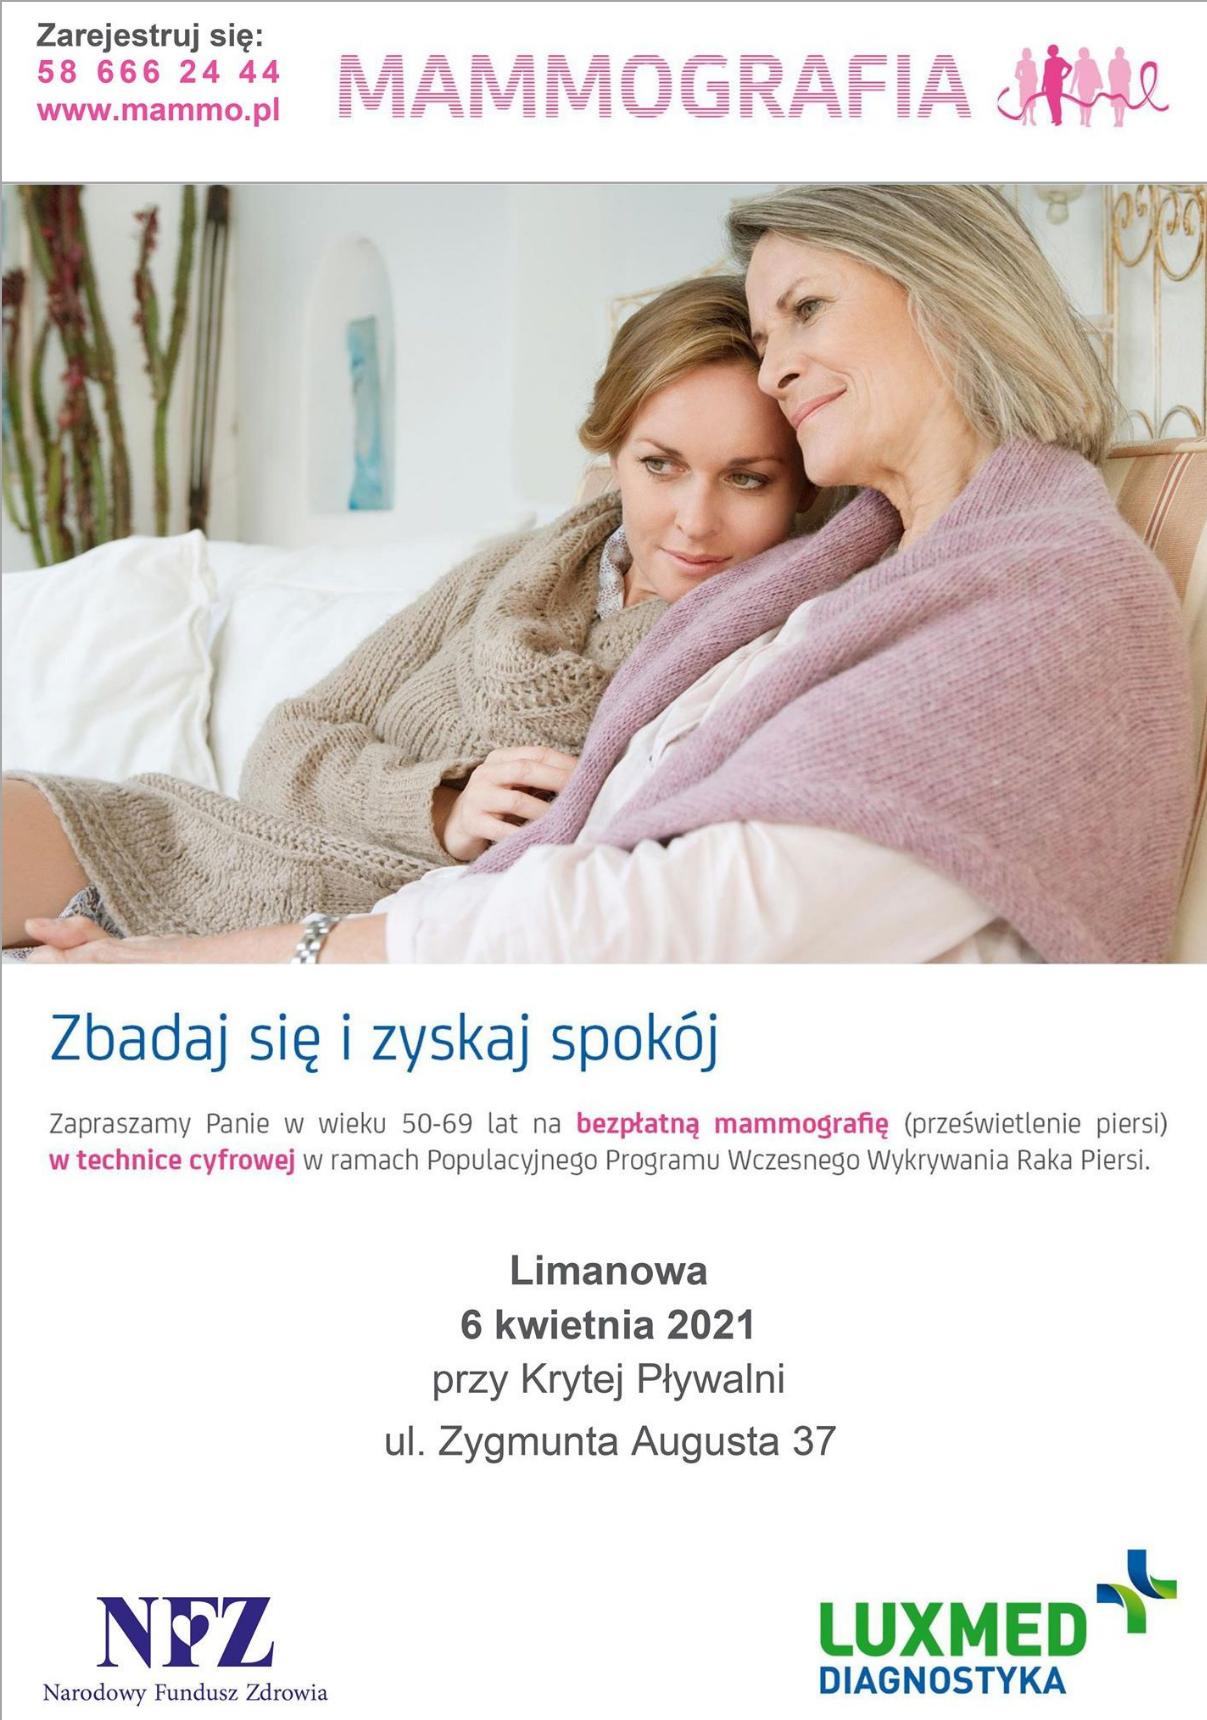 Bezpłatne badania mammograficzne w Limanowej - zdjęcie główne